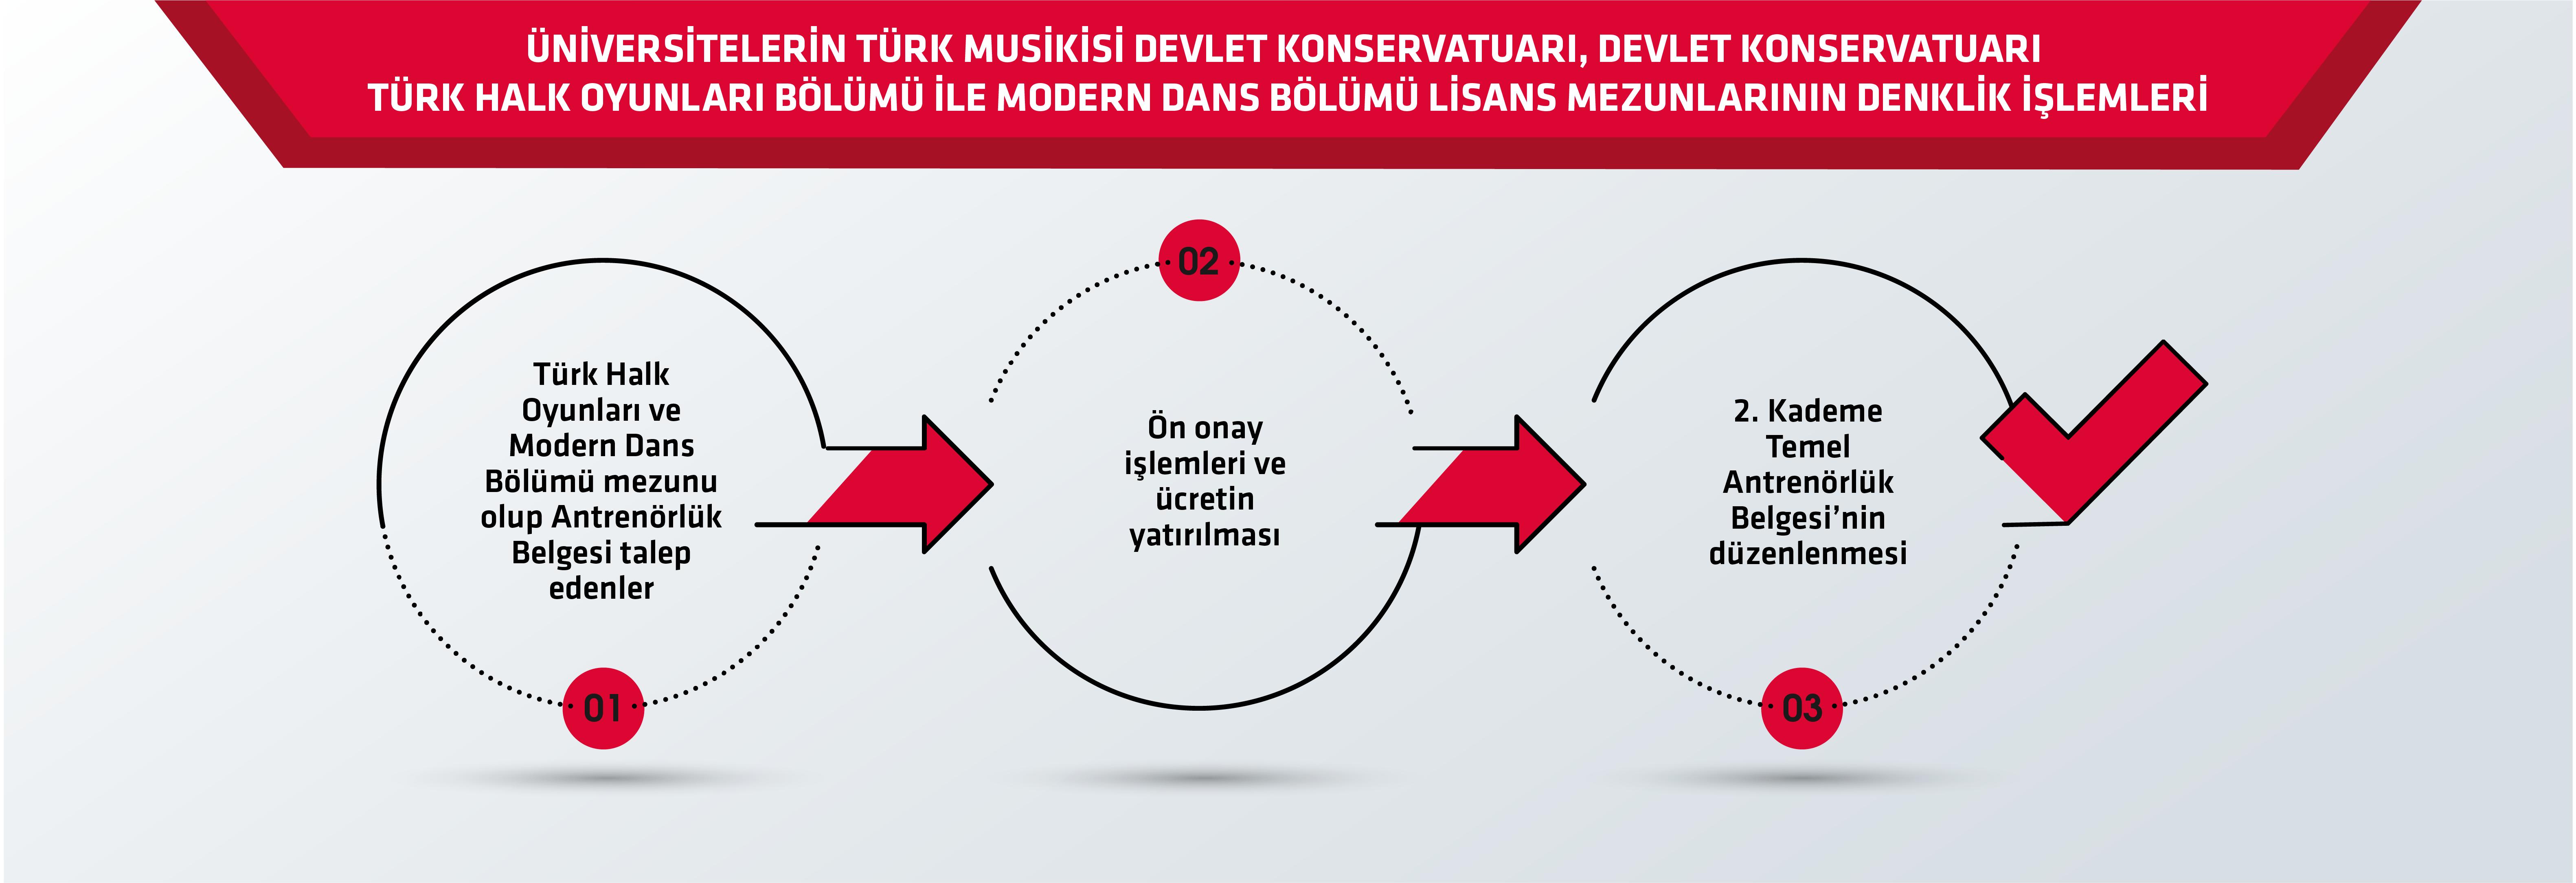 turk musikisi devlet konservatuar mezunlar-4